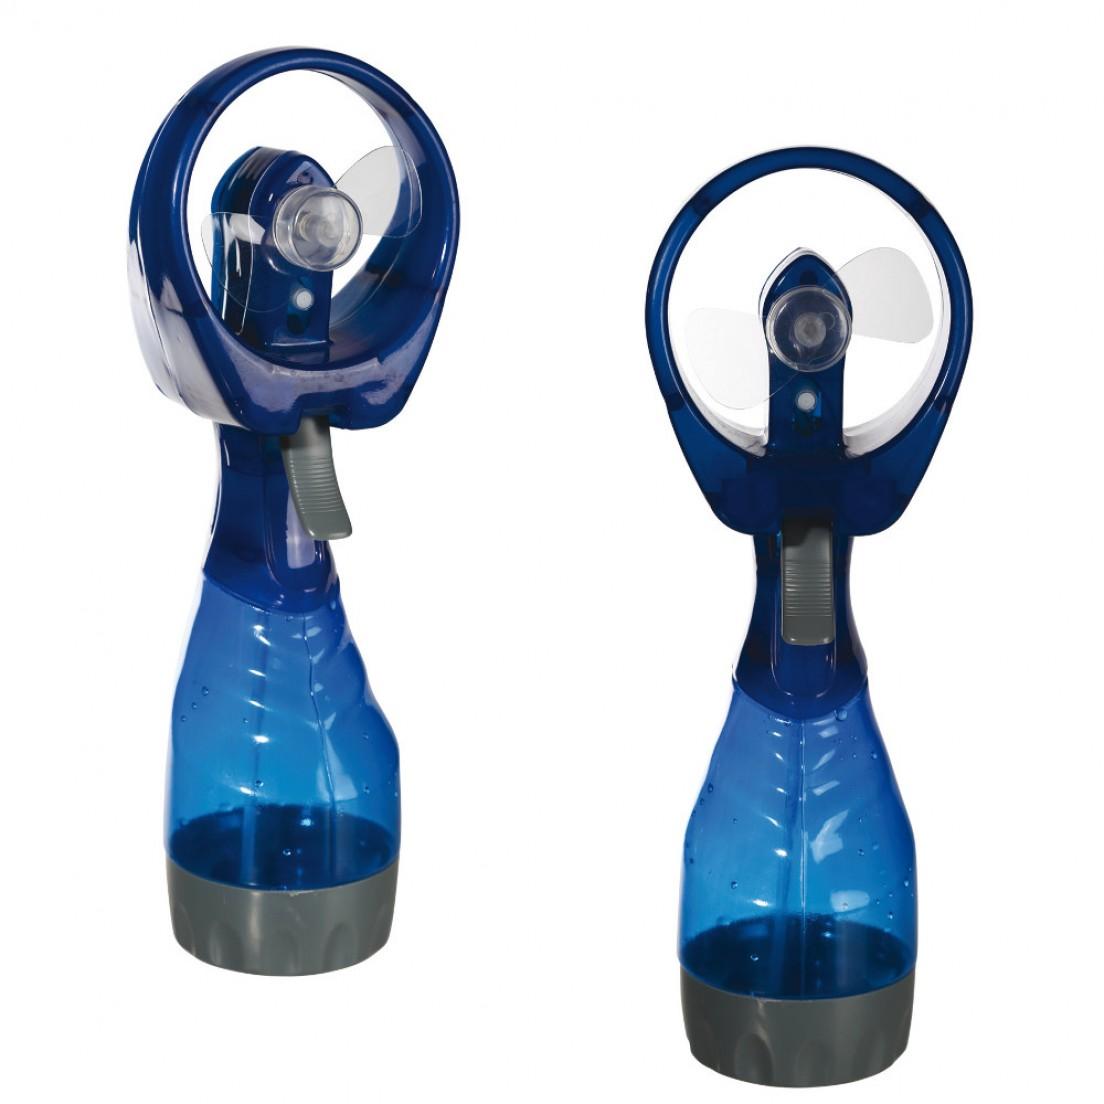 Wasser-Ventilator - doppelt erfrischend!   Geschenkidee.at